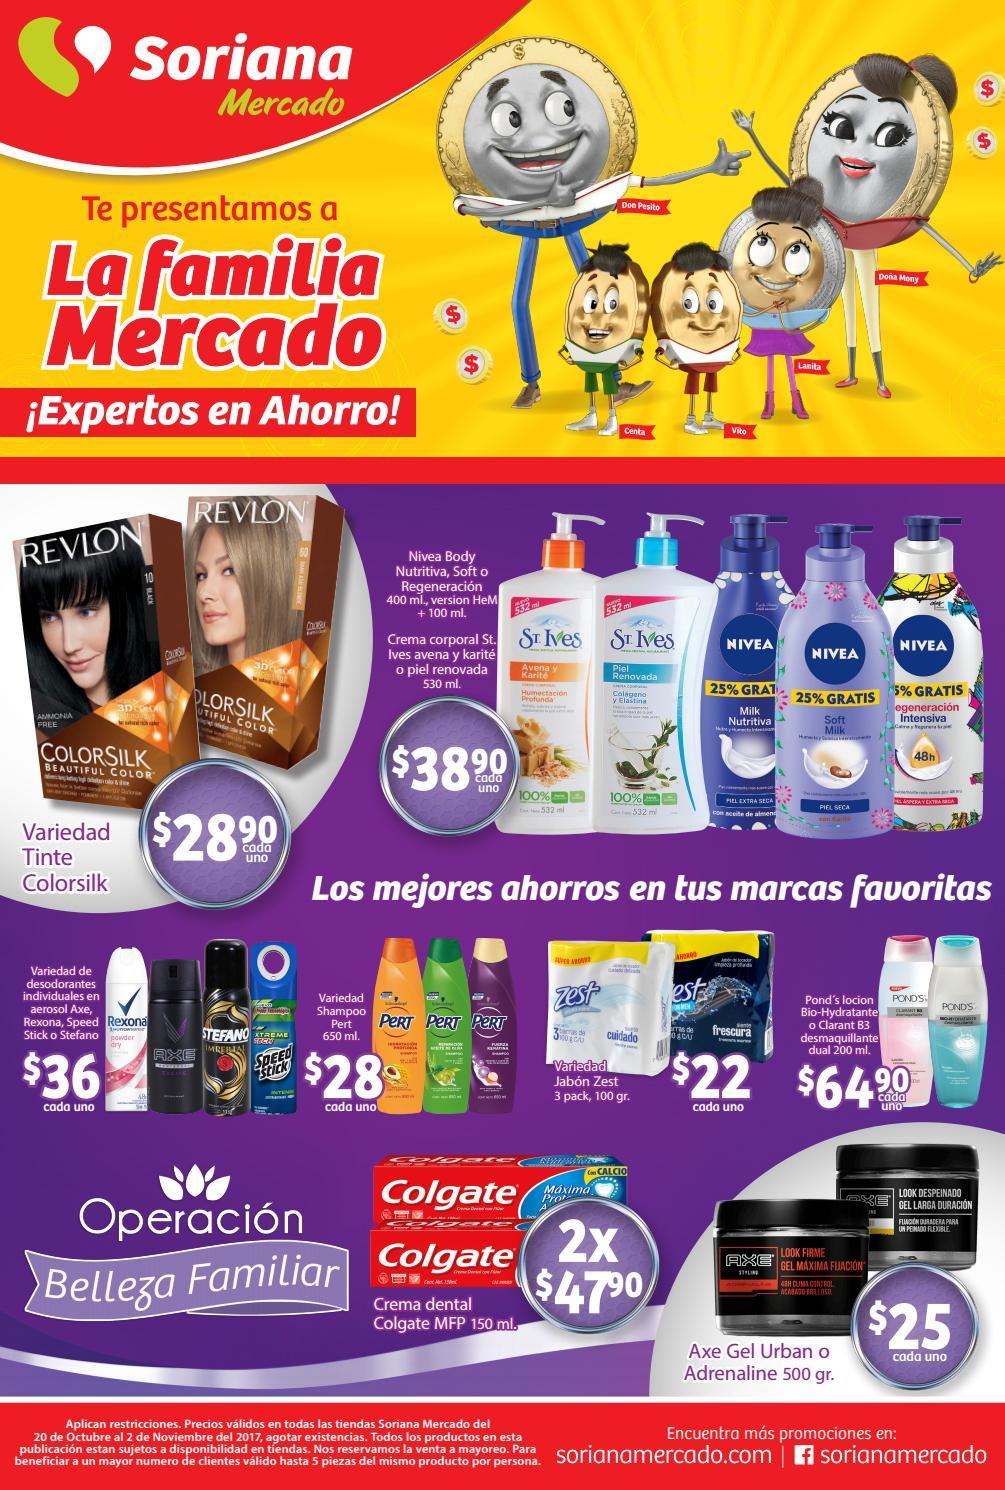 Soriana Mercado y Express: Folleto vigente del 20 de octubre al 2 de noviembre (2 x 1 1/2 en llantas y más)